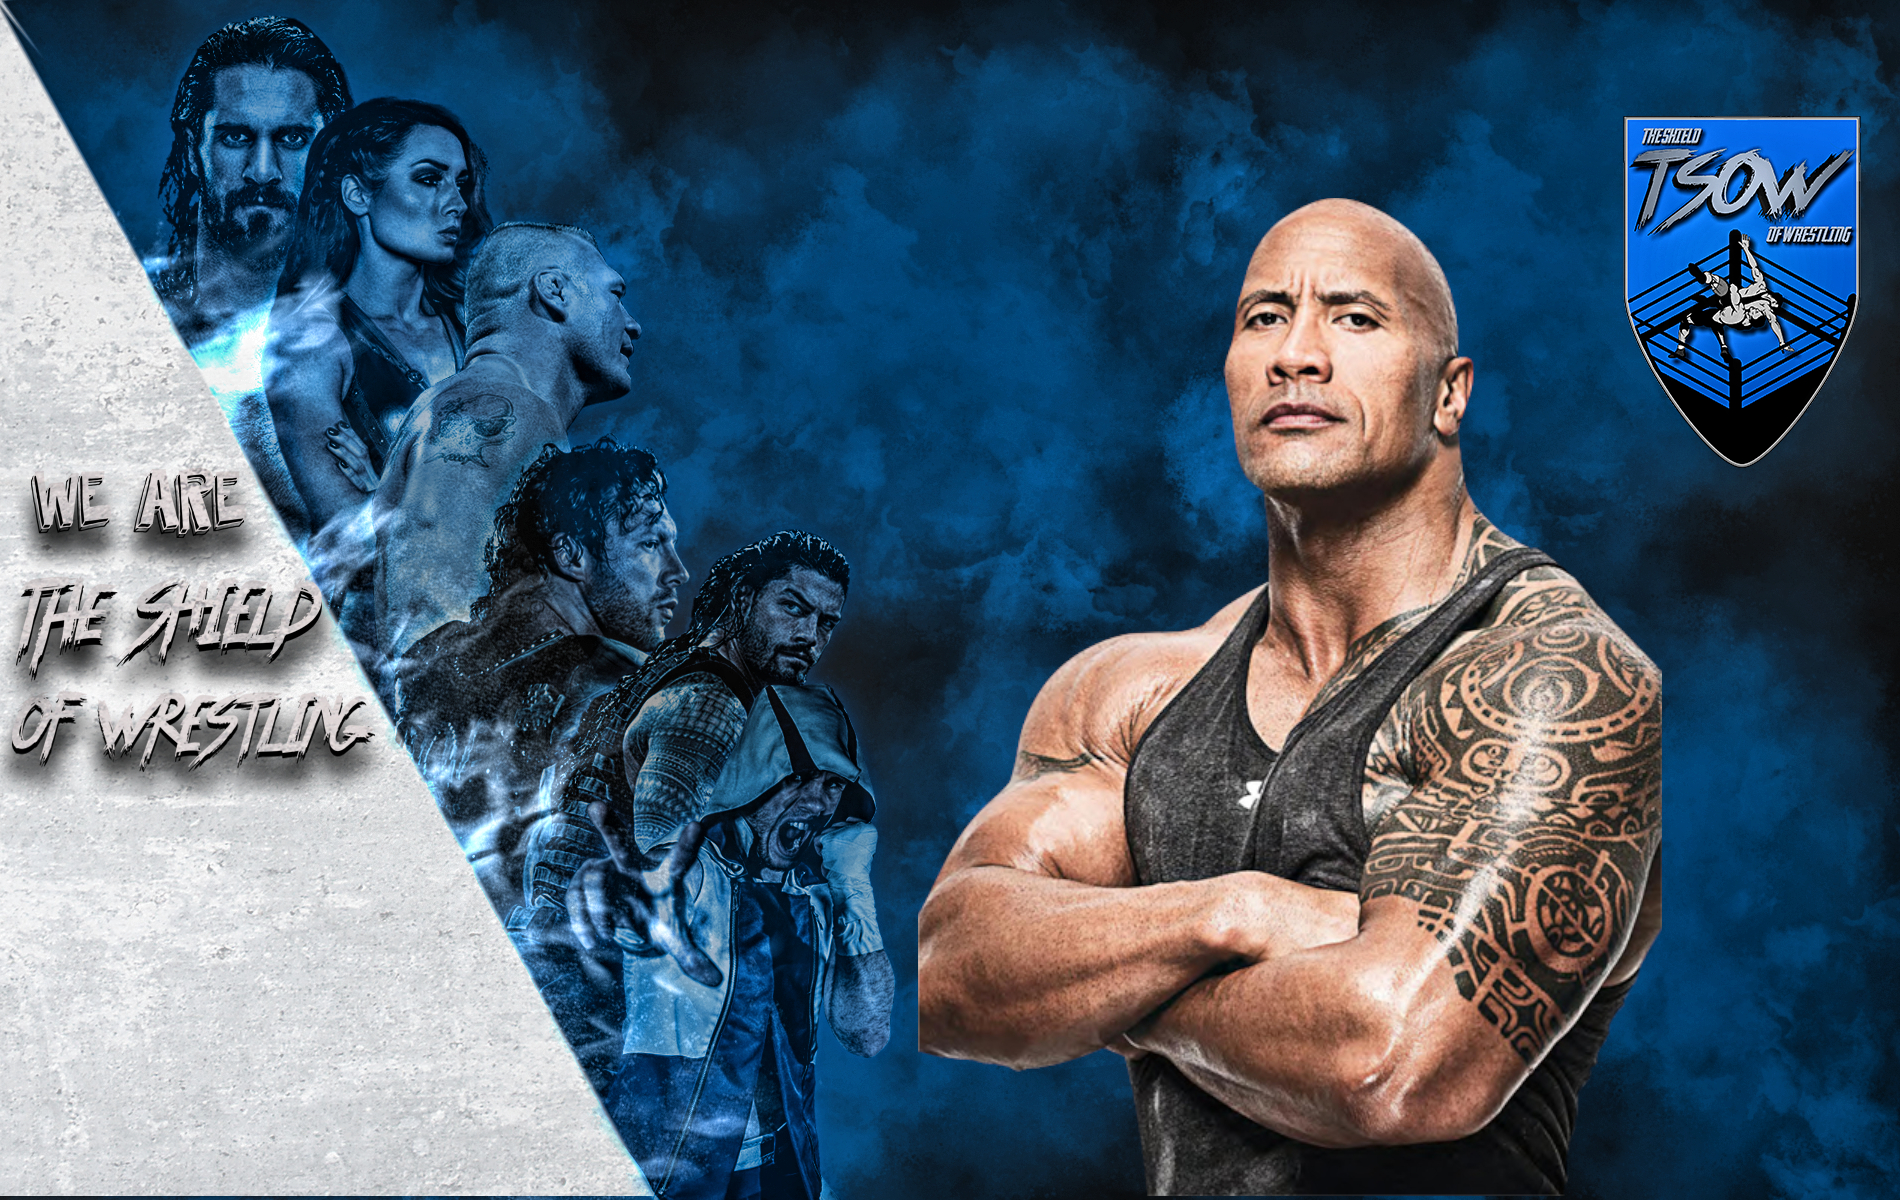 La figlia di The Rock - WWE